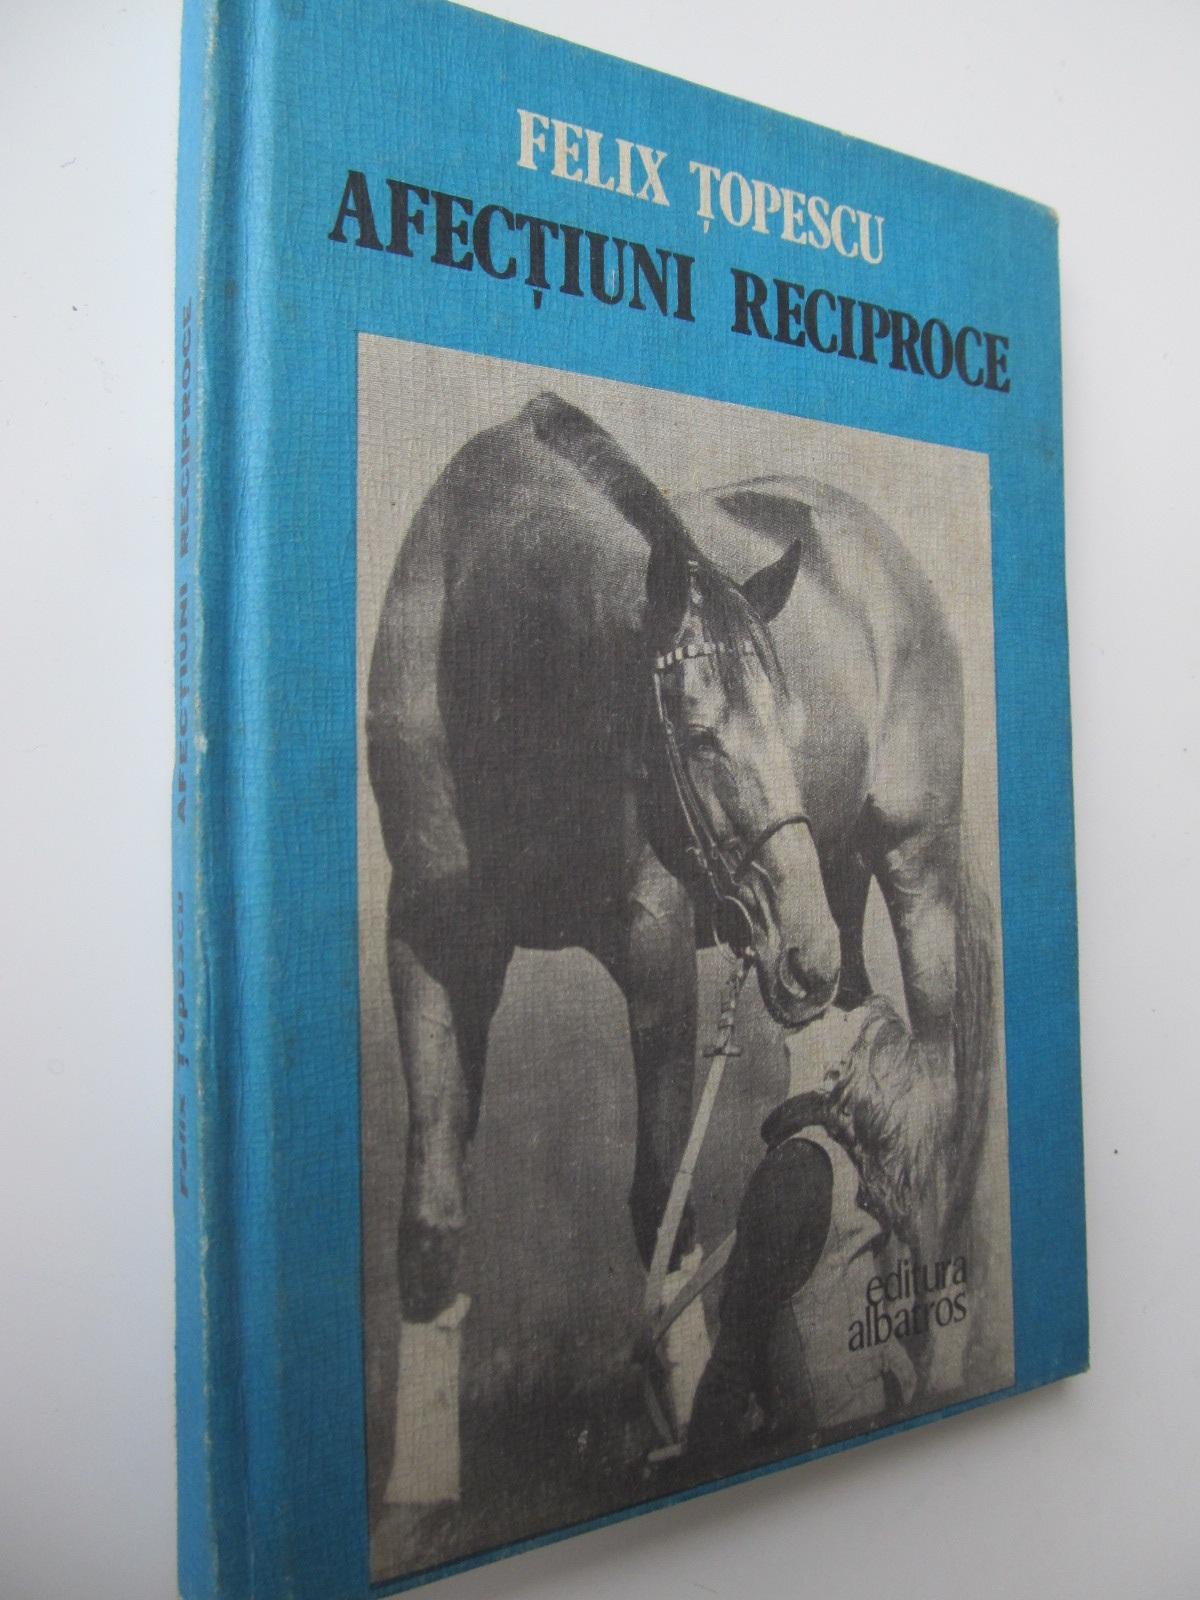 Afectiuni reciproce - Felix Topescu | Detalii carte